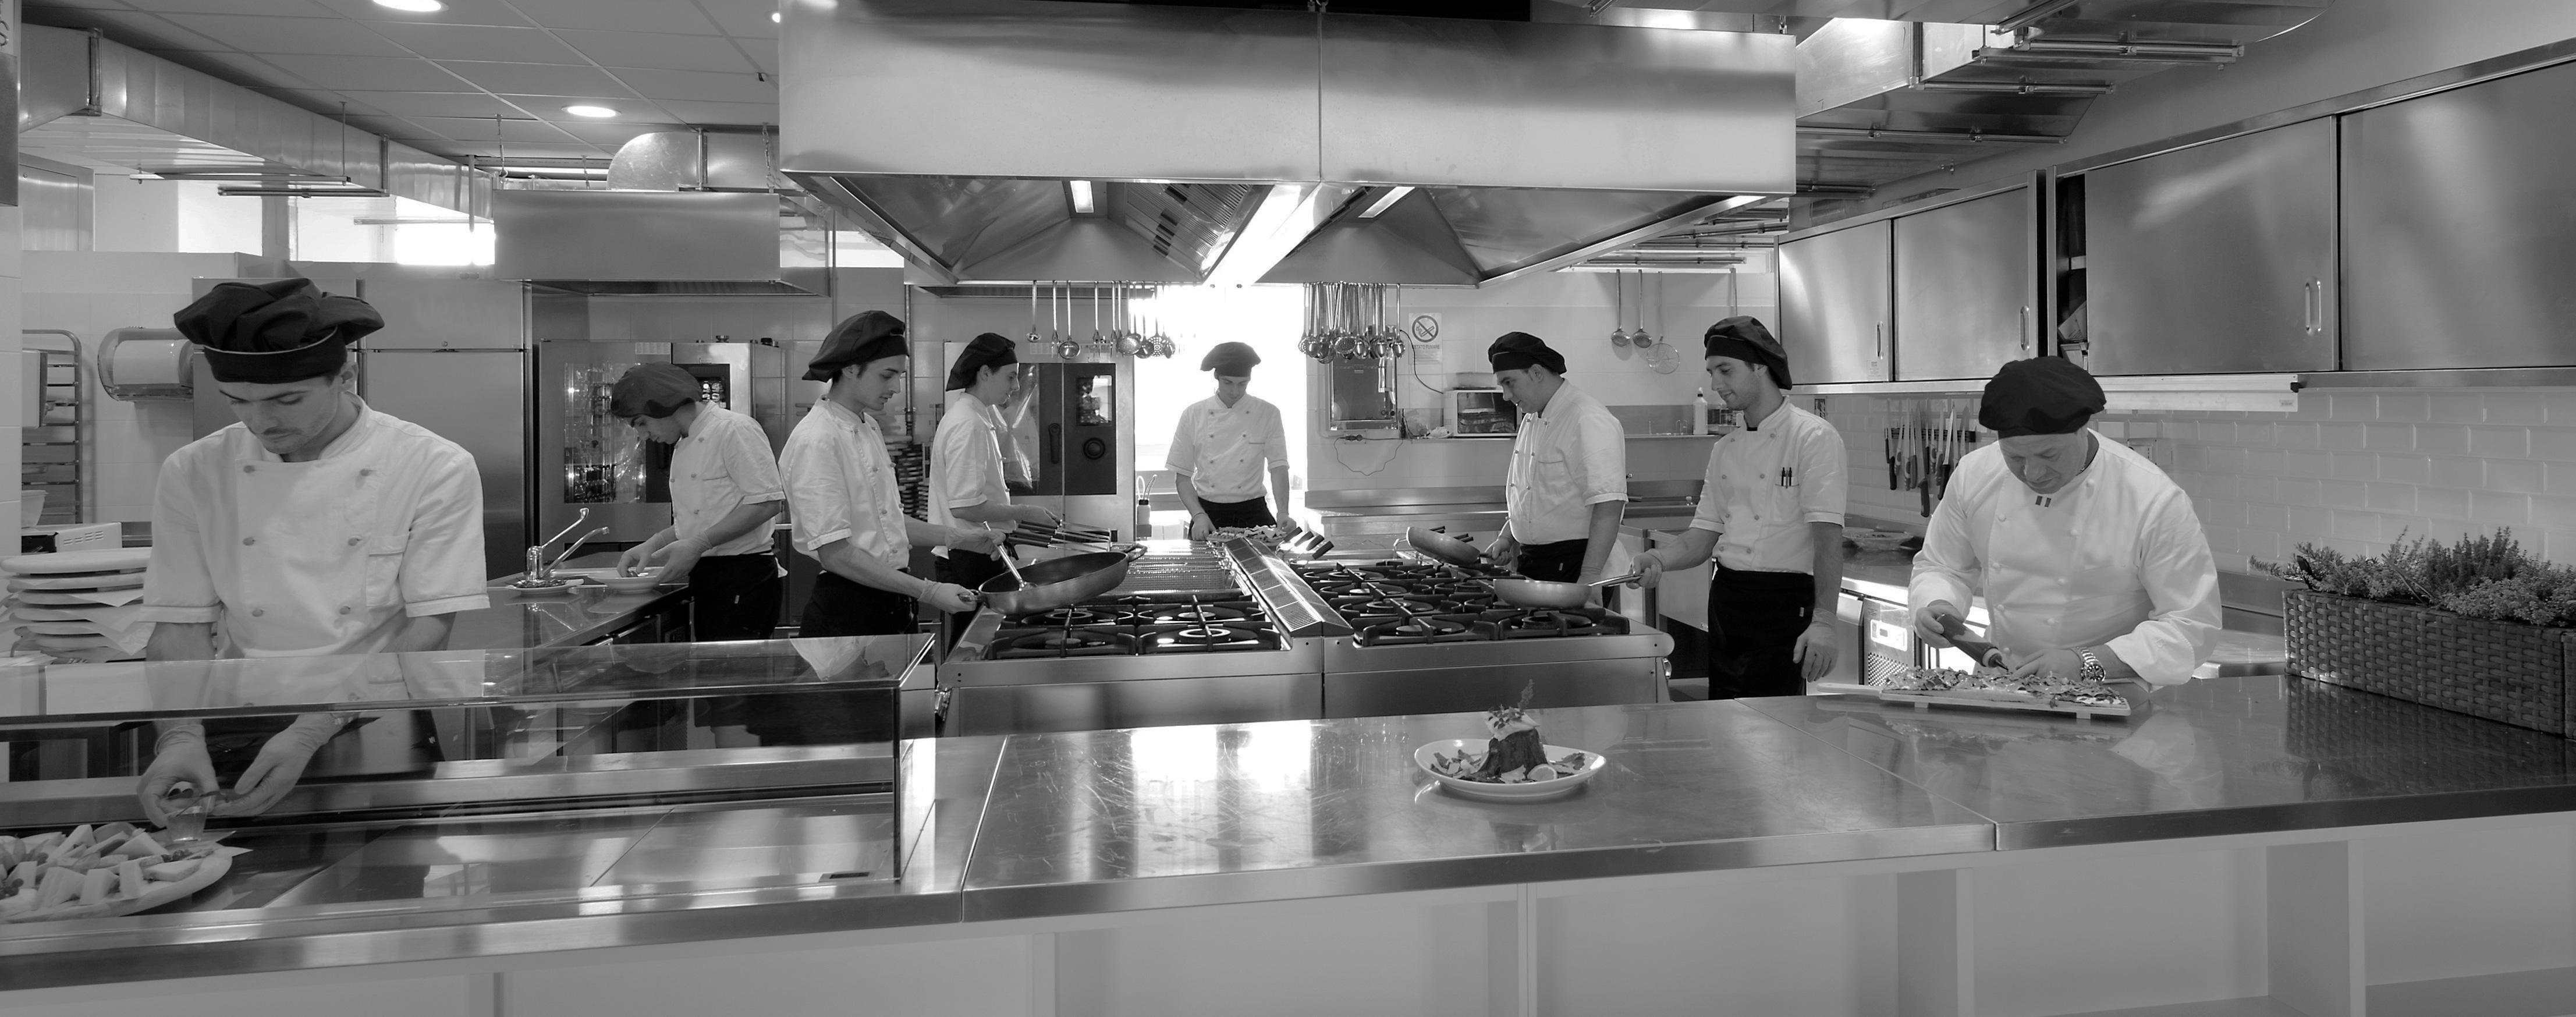 Cuochi a lavoro cucina professionale